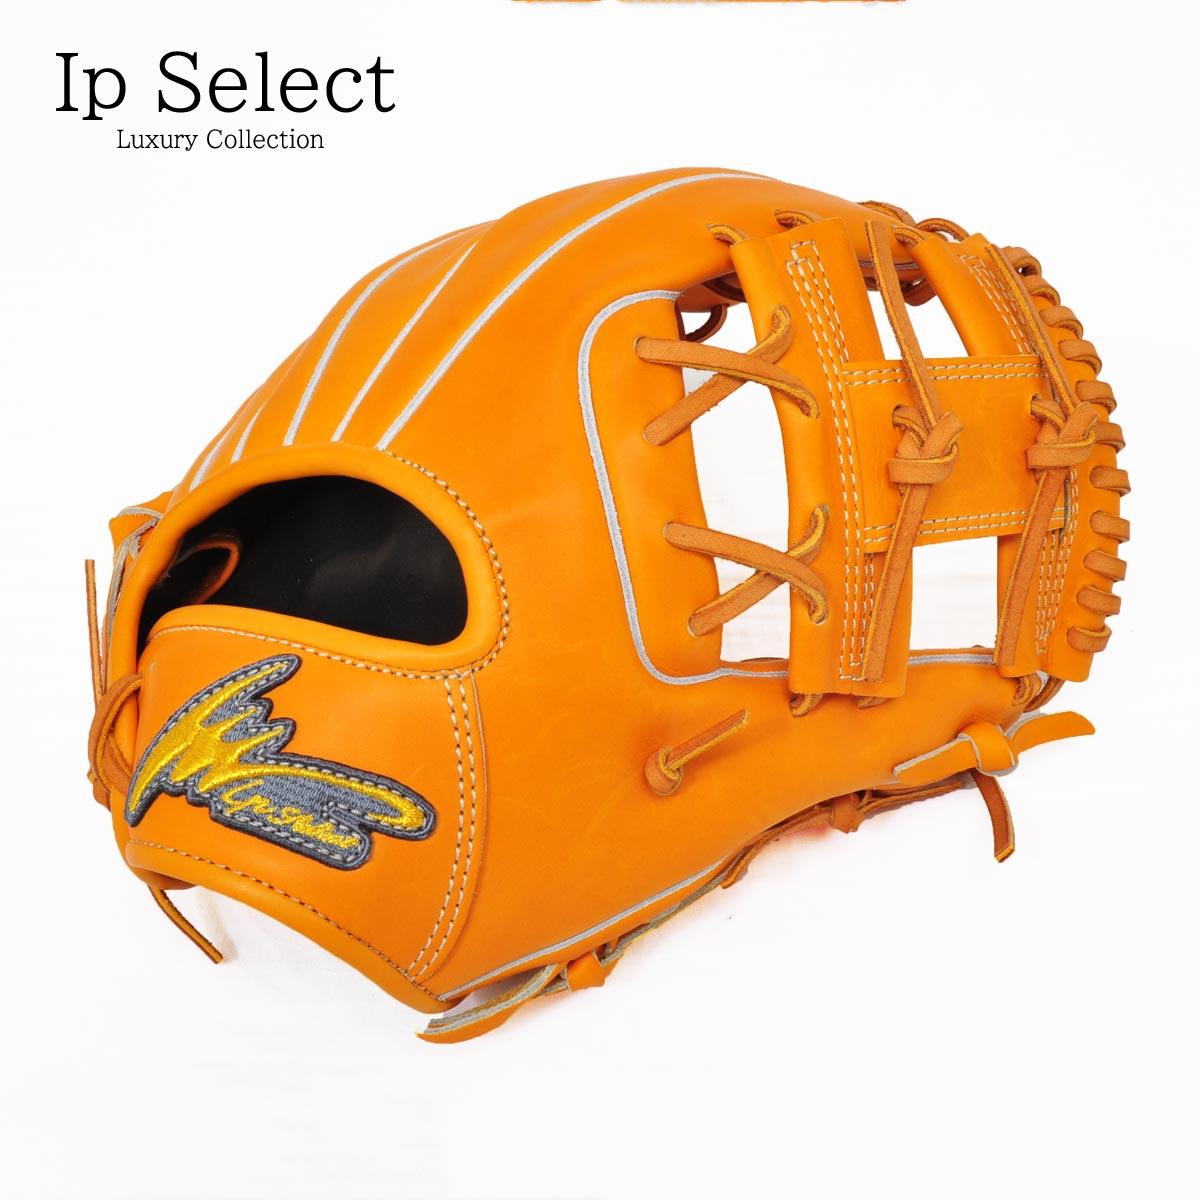 Ip select アイピーセレクト Ip.060-Lc Espacio 税込 Luxury 内野手用 一部予約 Collection